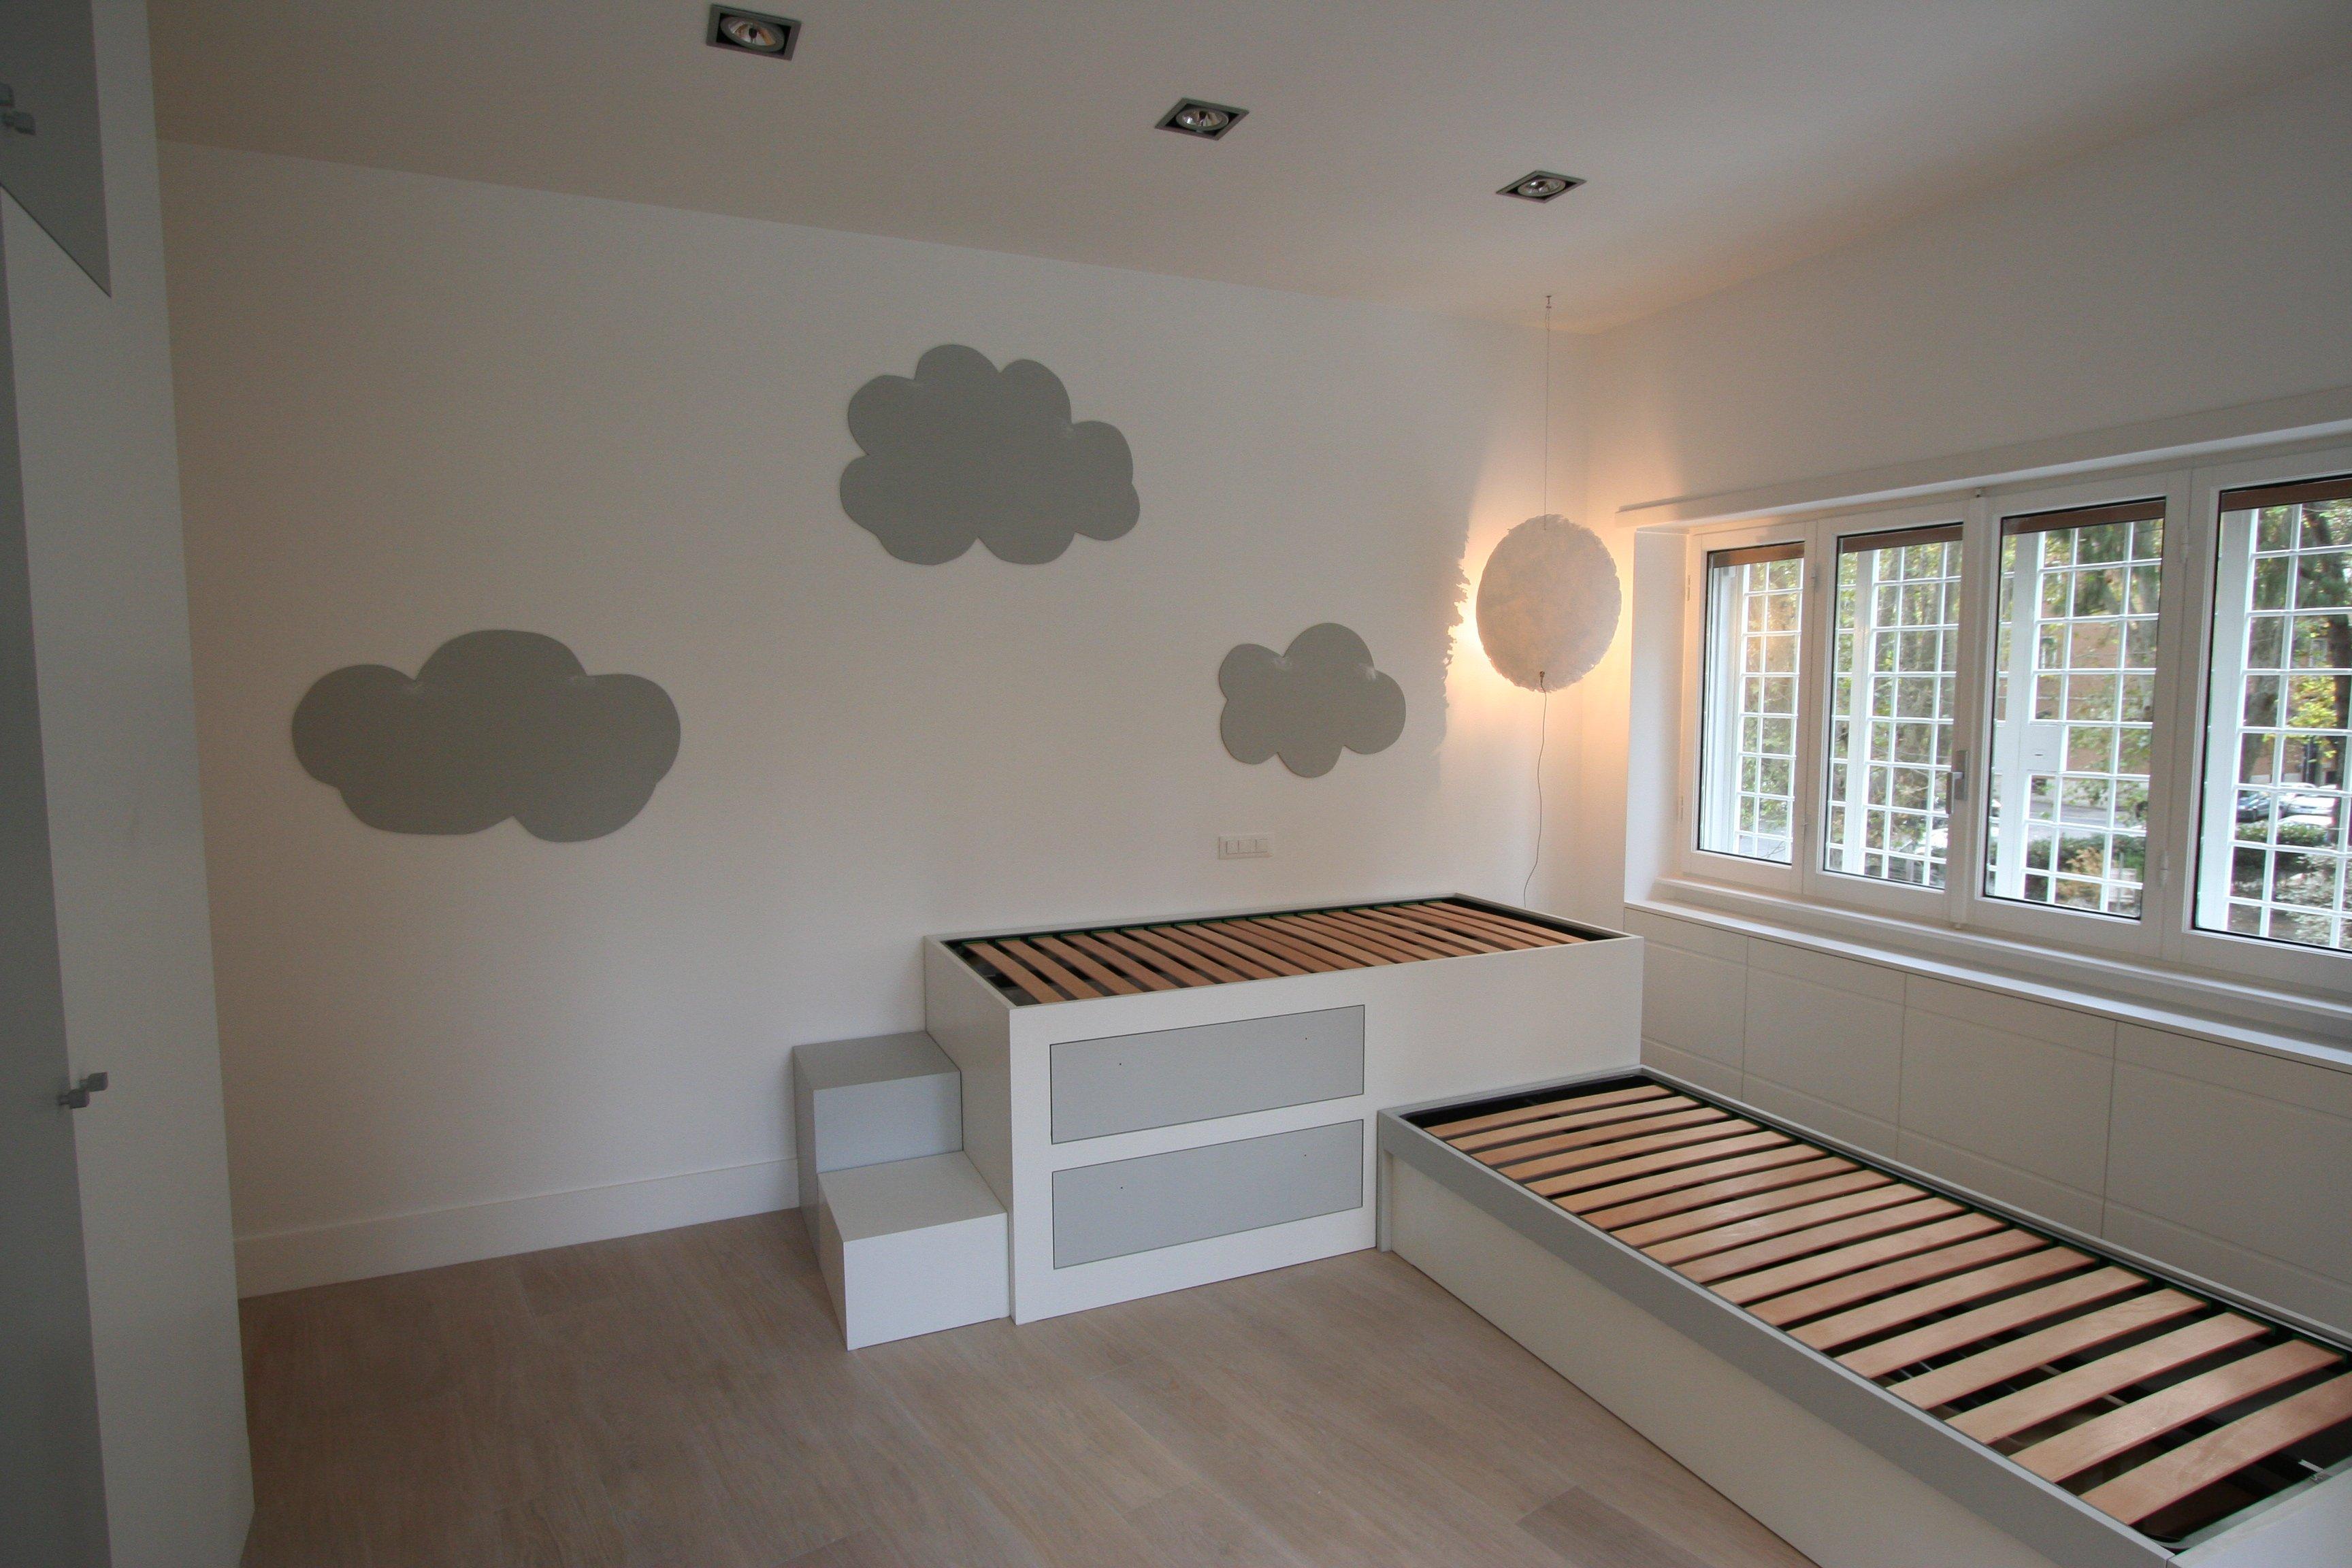 Image camera da letto bimbi foto 4 due letti - Camera da letto bambino ...